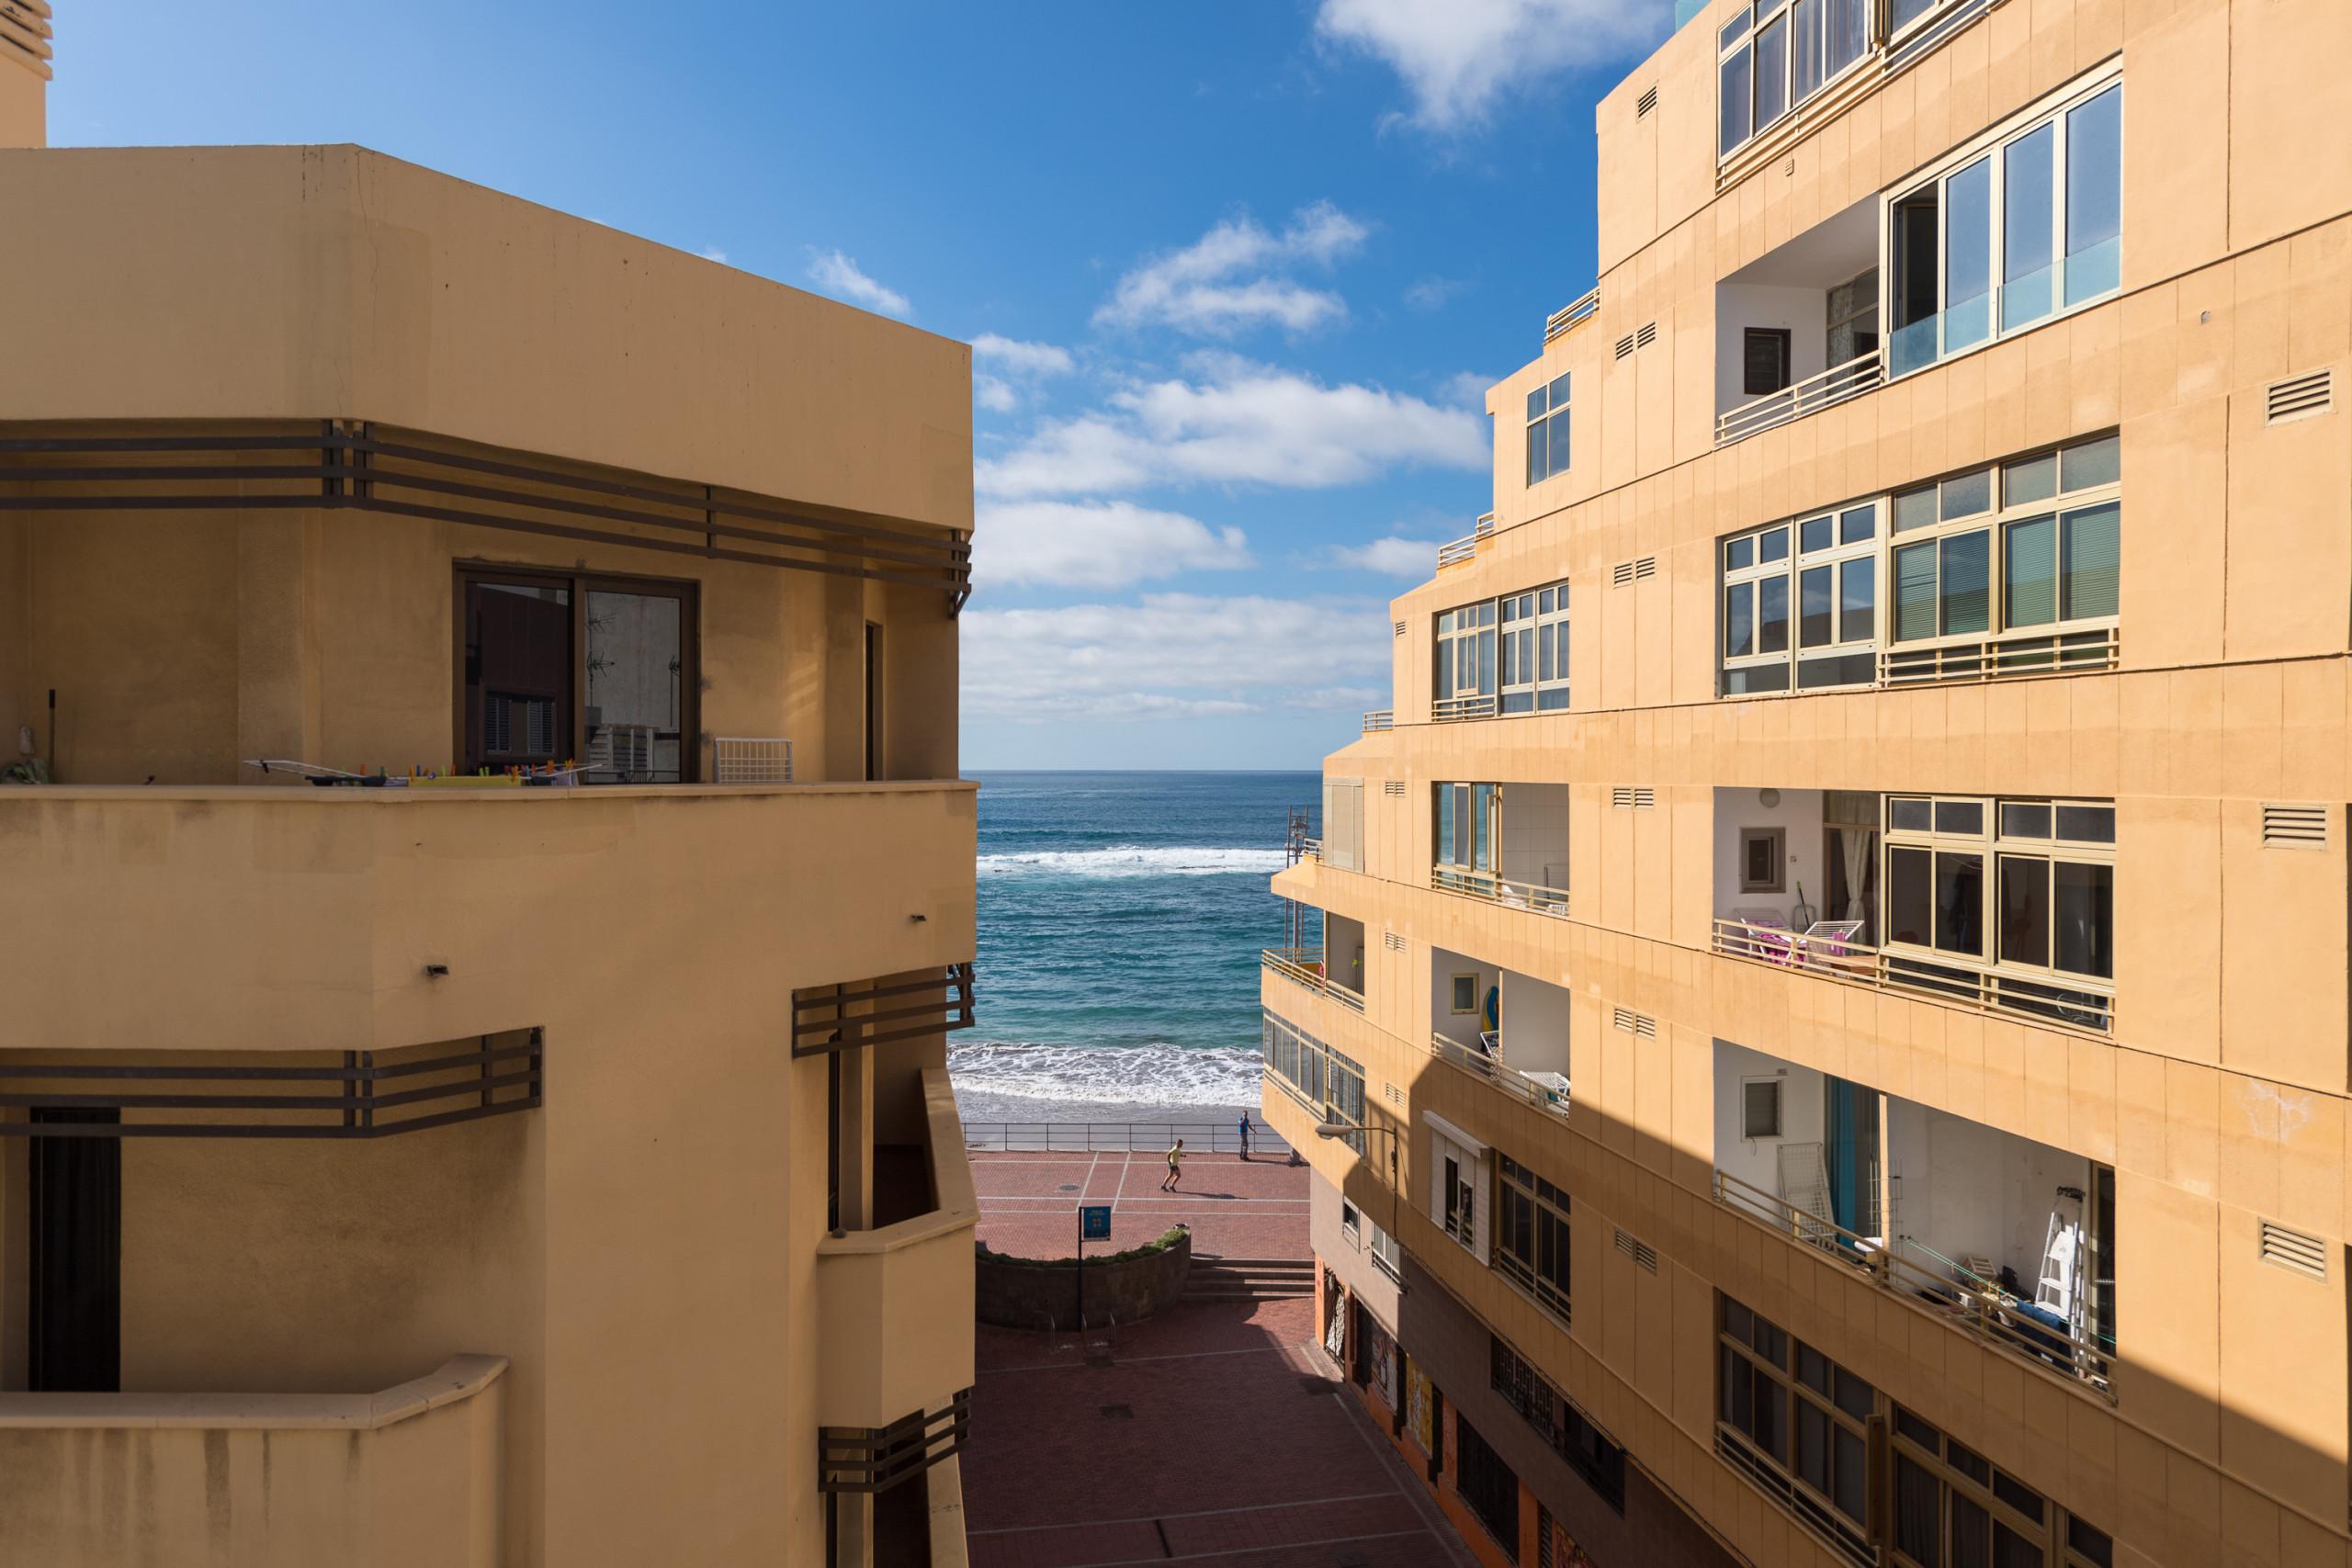 Apartamentos en las palmas de gran canaria sport beach wifi p73 - Apartamento en las palmas de gran canaria ...